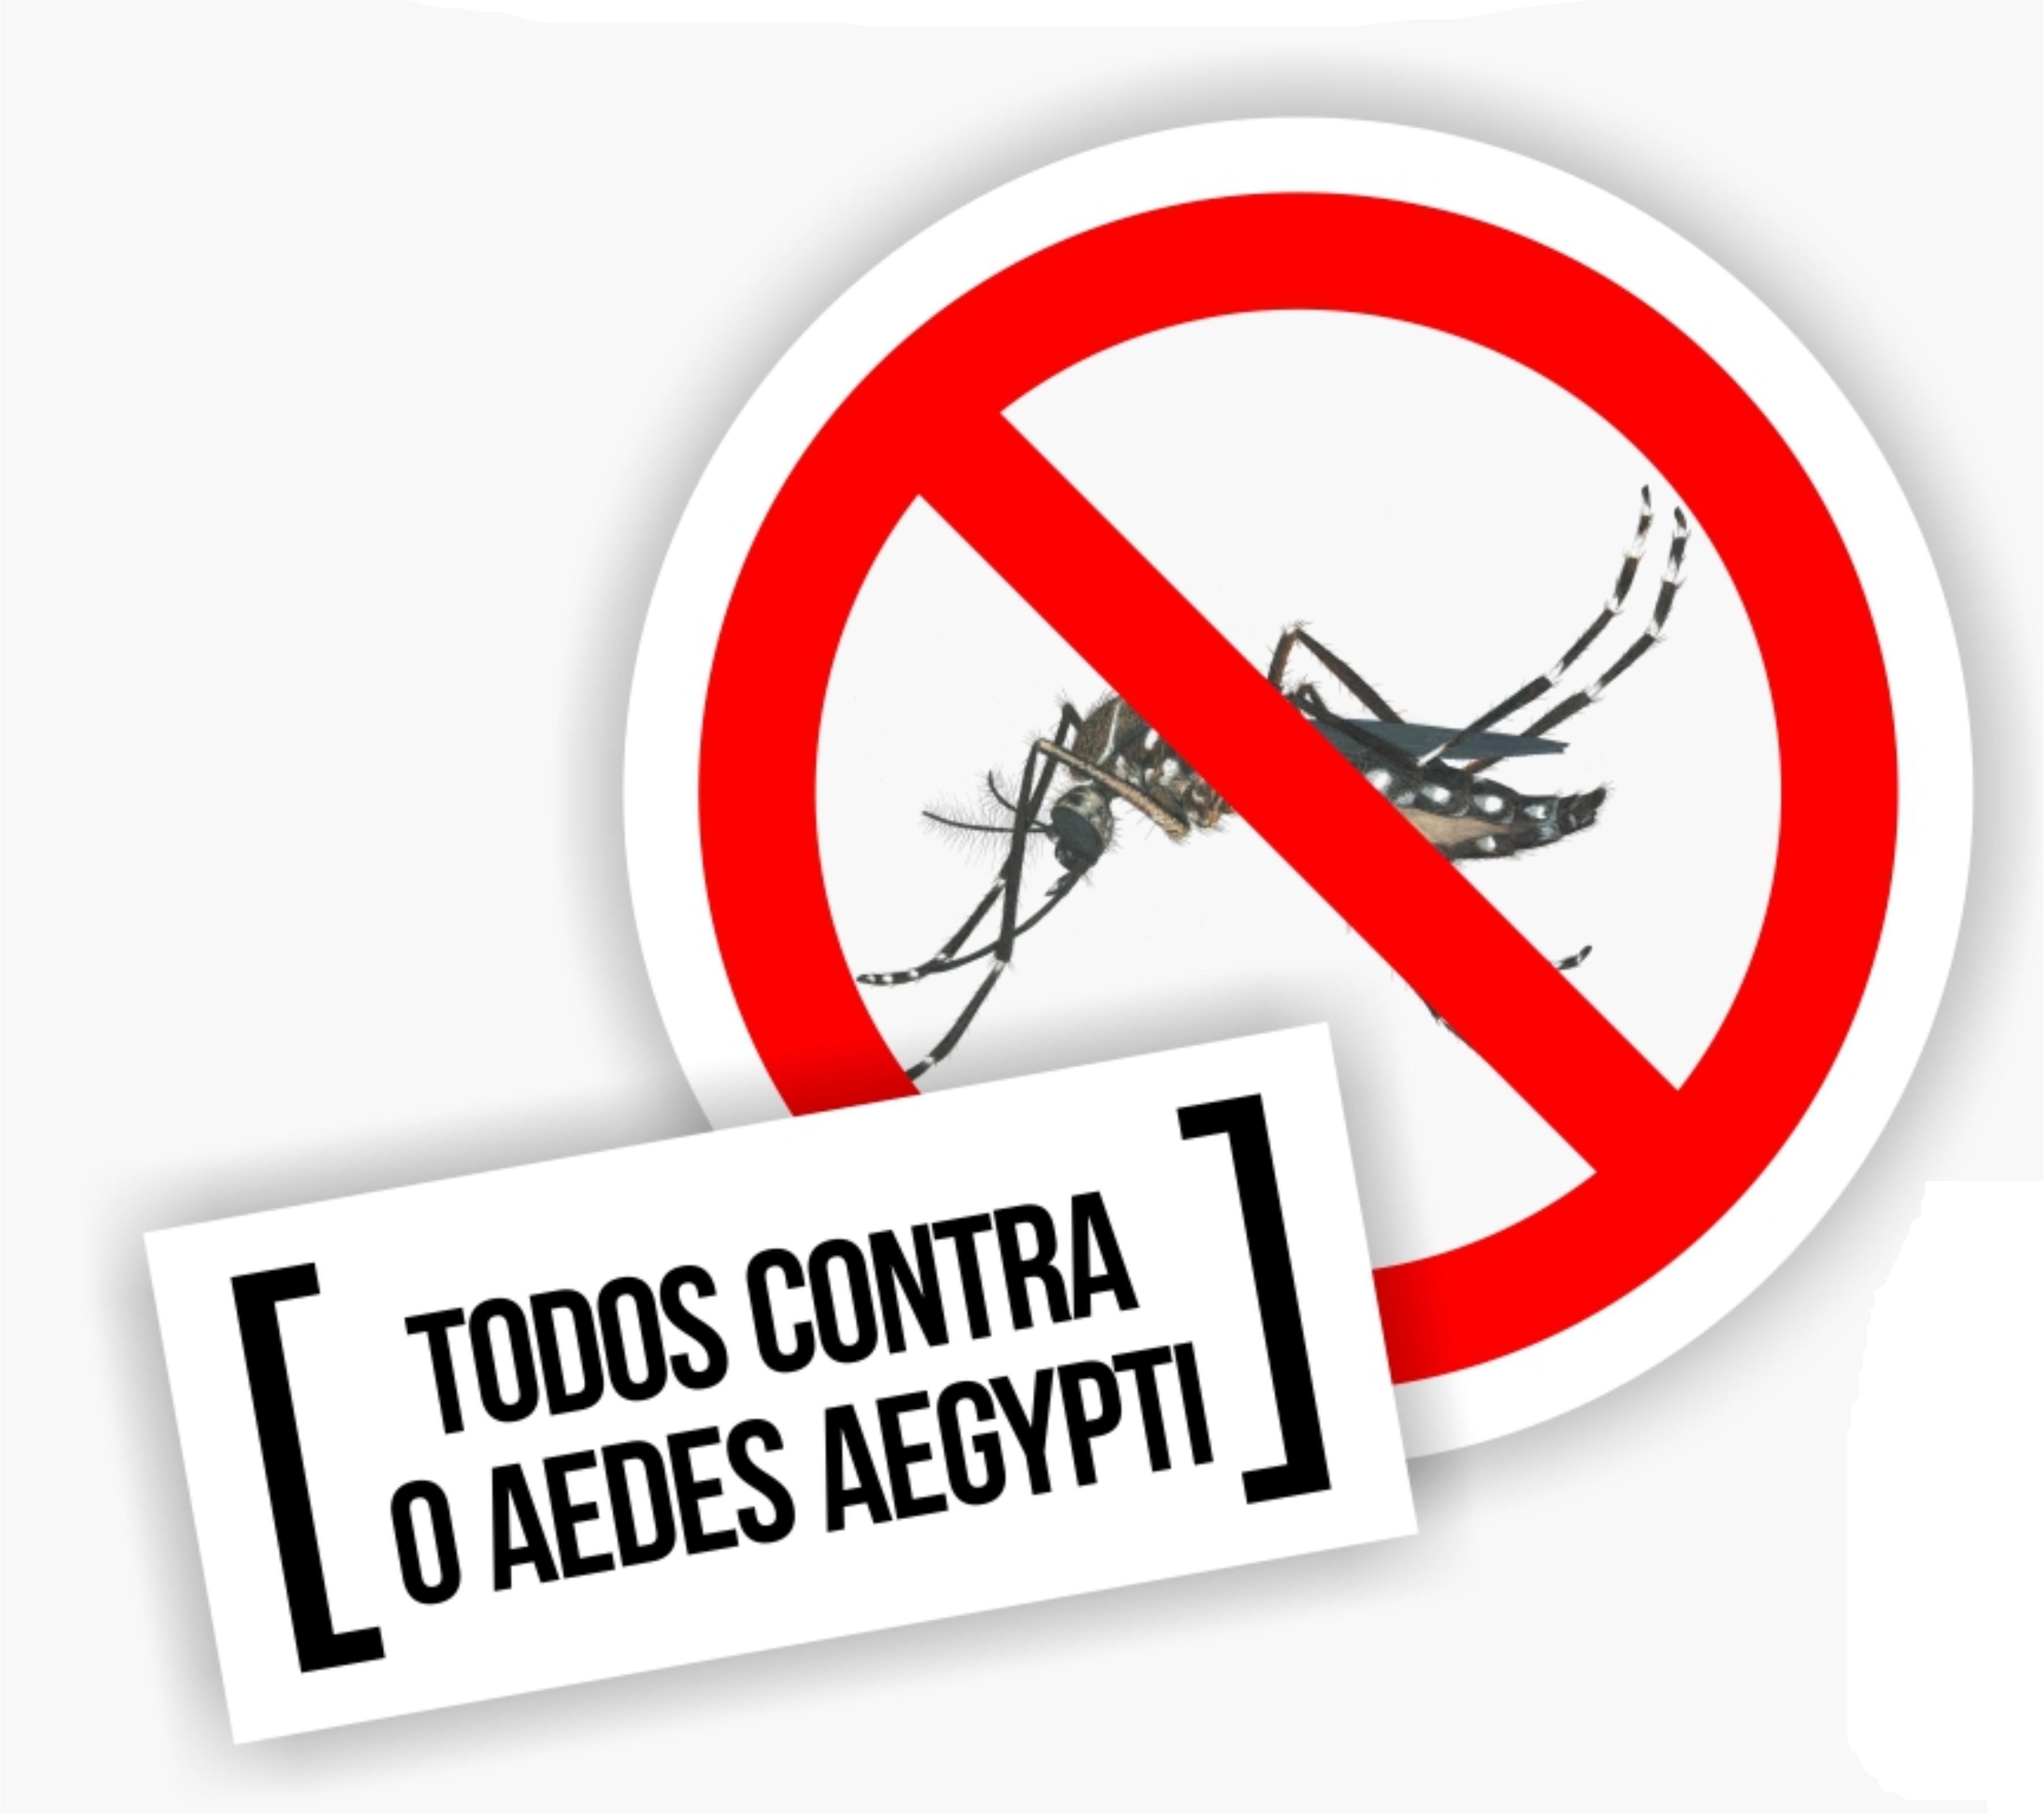 Prova do Trote Solidário e responsabilidade ambiental levam estudantes do Uni-FACEF a participar de mutirão contra o Aedes aegypti